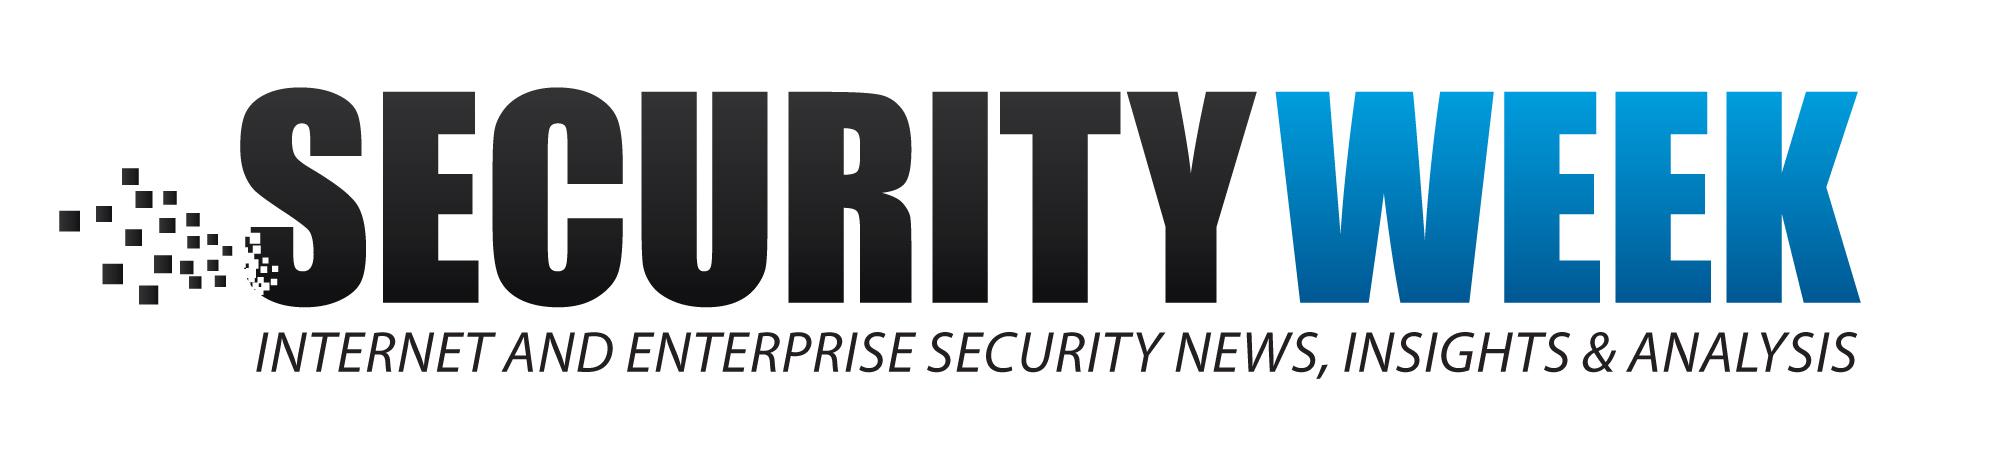 Securityweek-logo-1